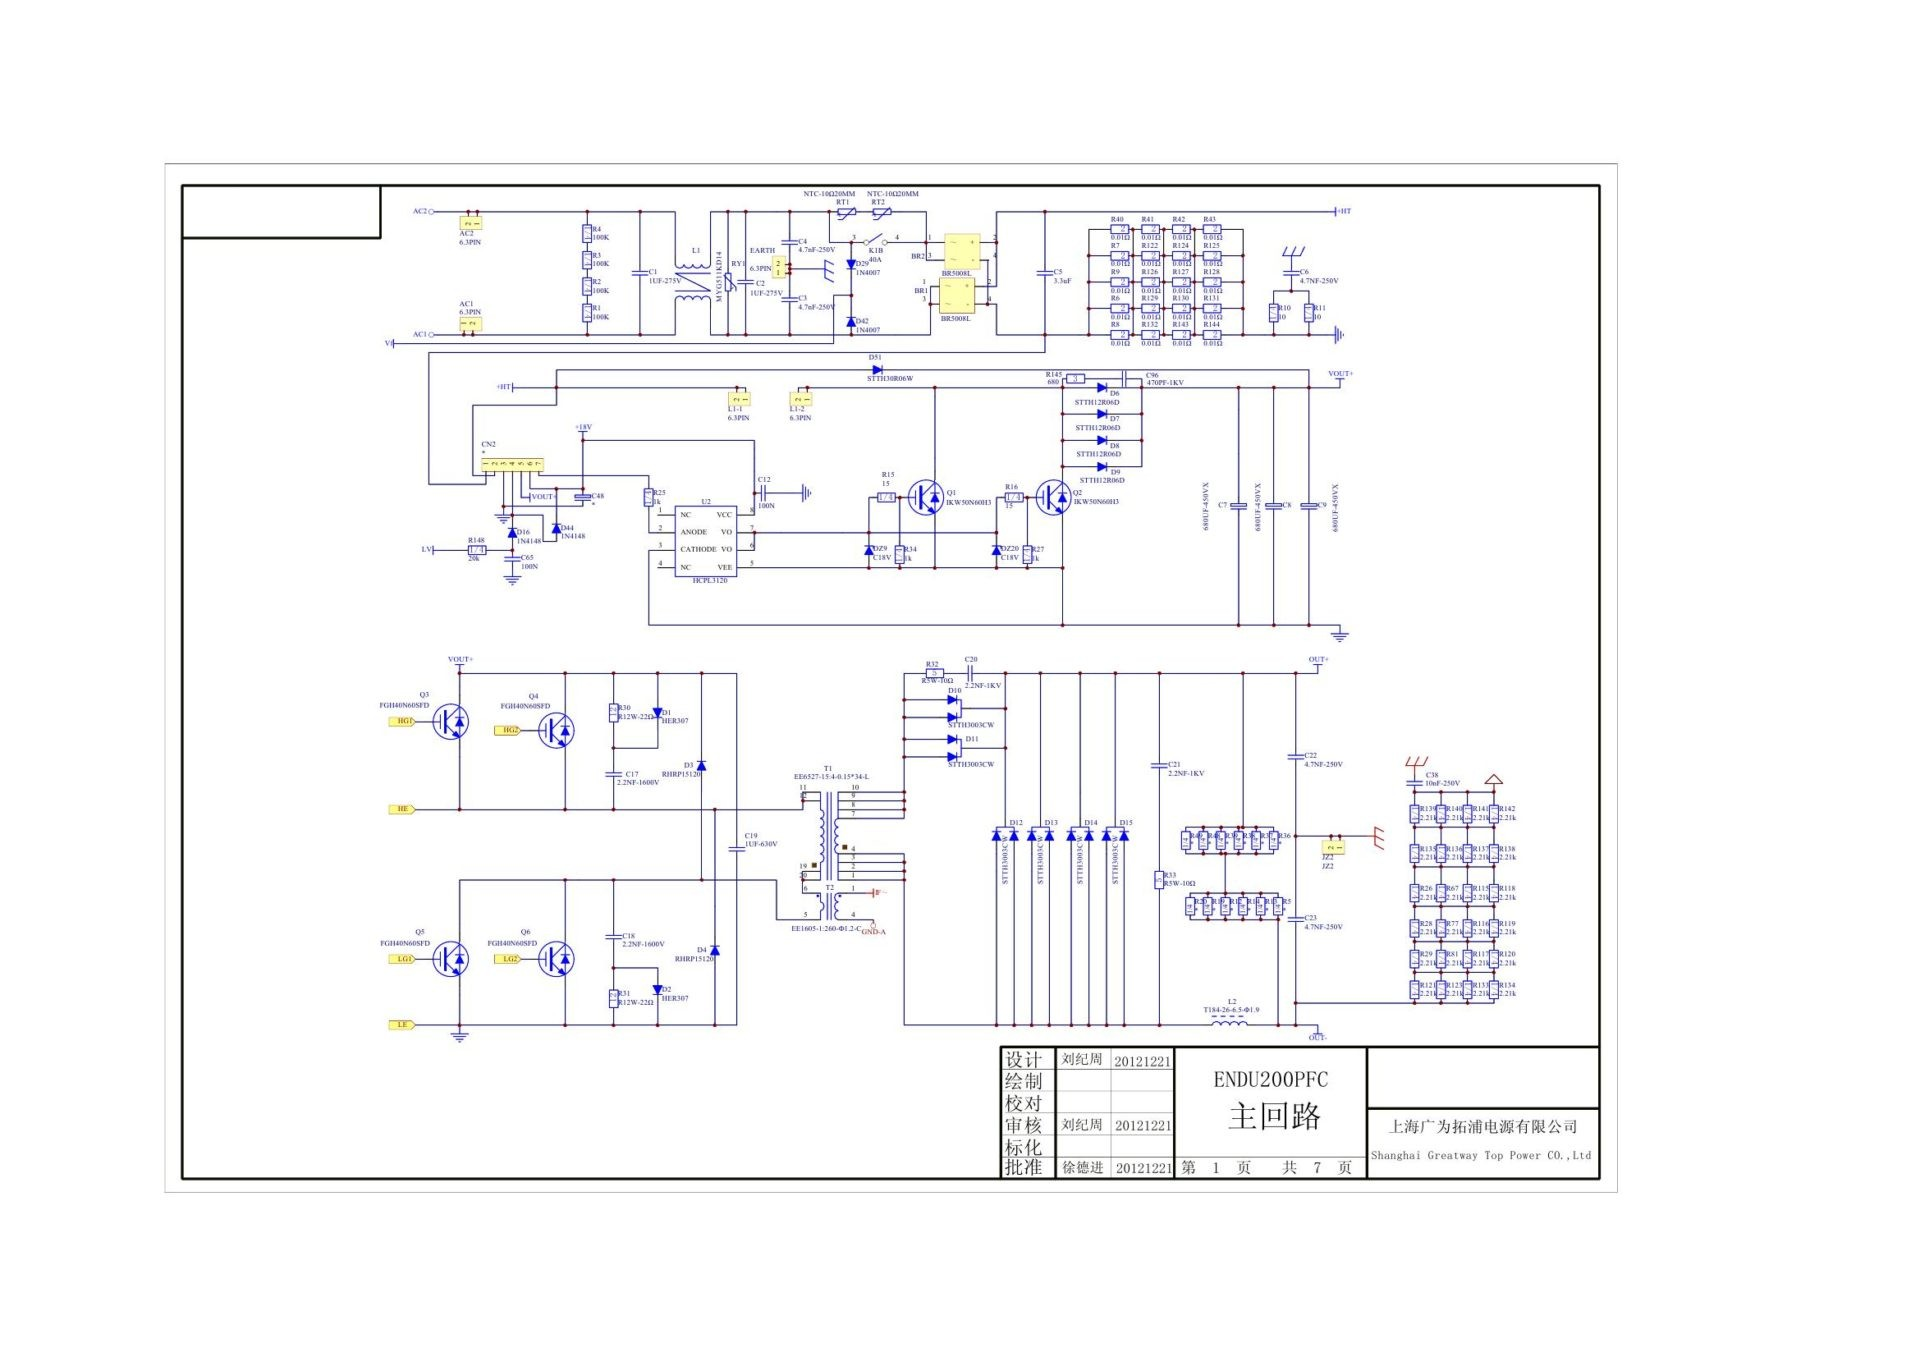 САИ-250ПРОФ схема 2